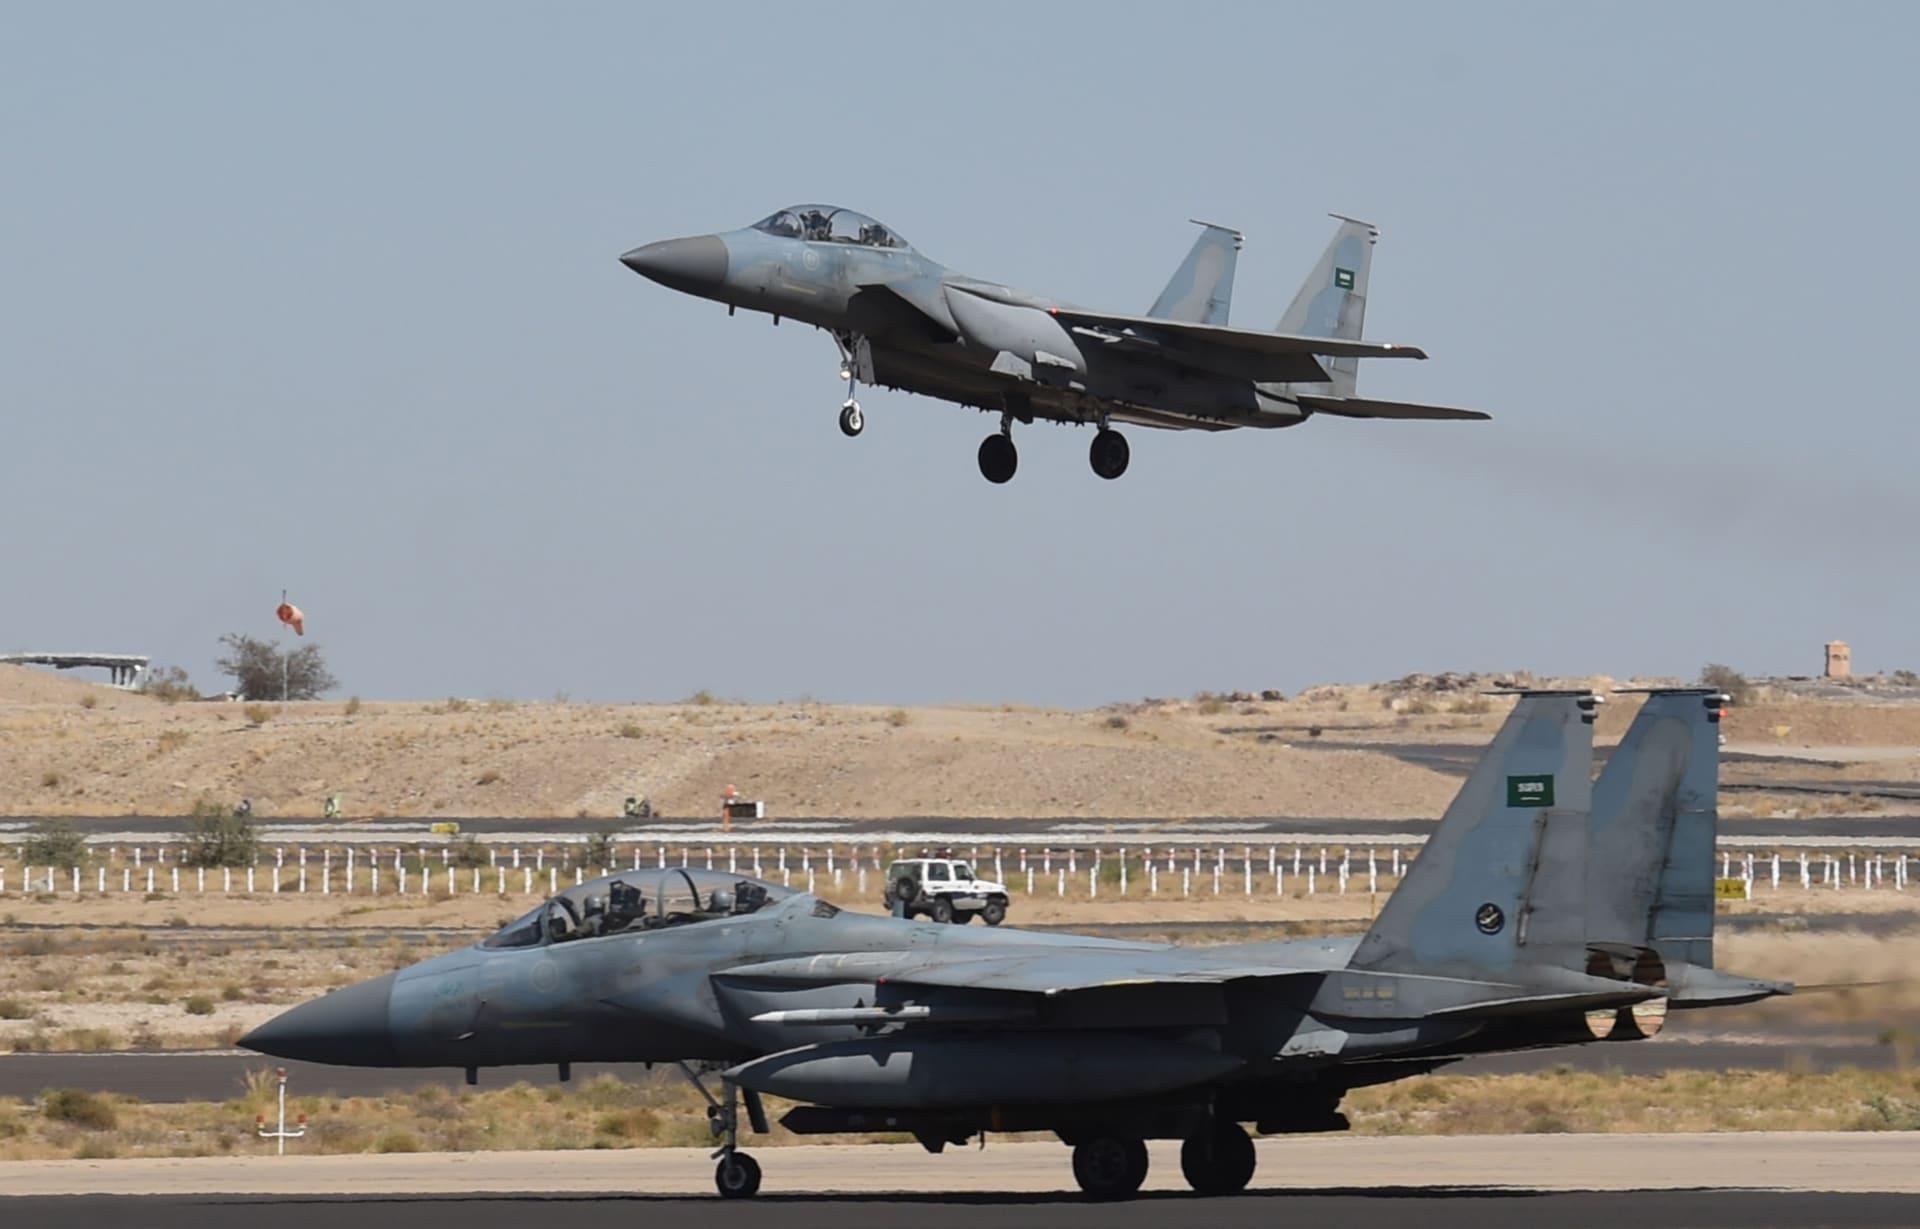 البنتاغون: السعودية والإمارات تبدآن بسداد كلفة تزويد طائراتهما بالوقود الإضافي في اليمن